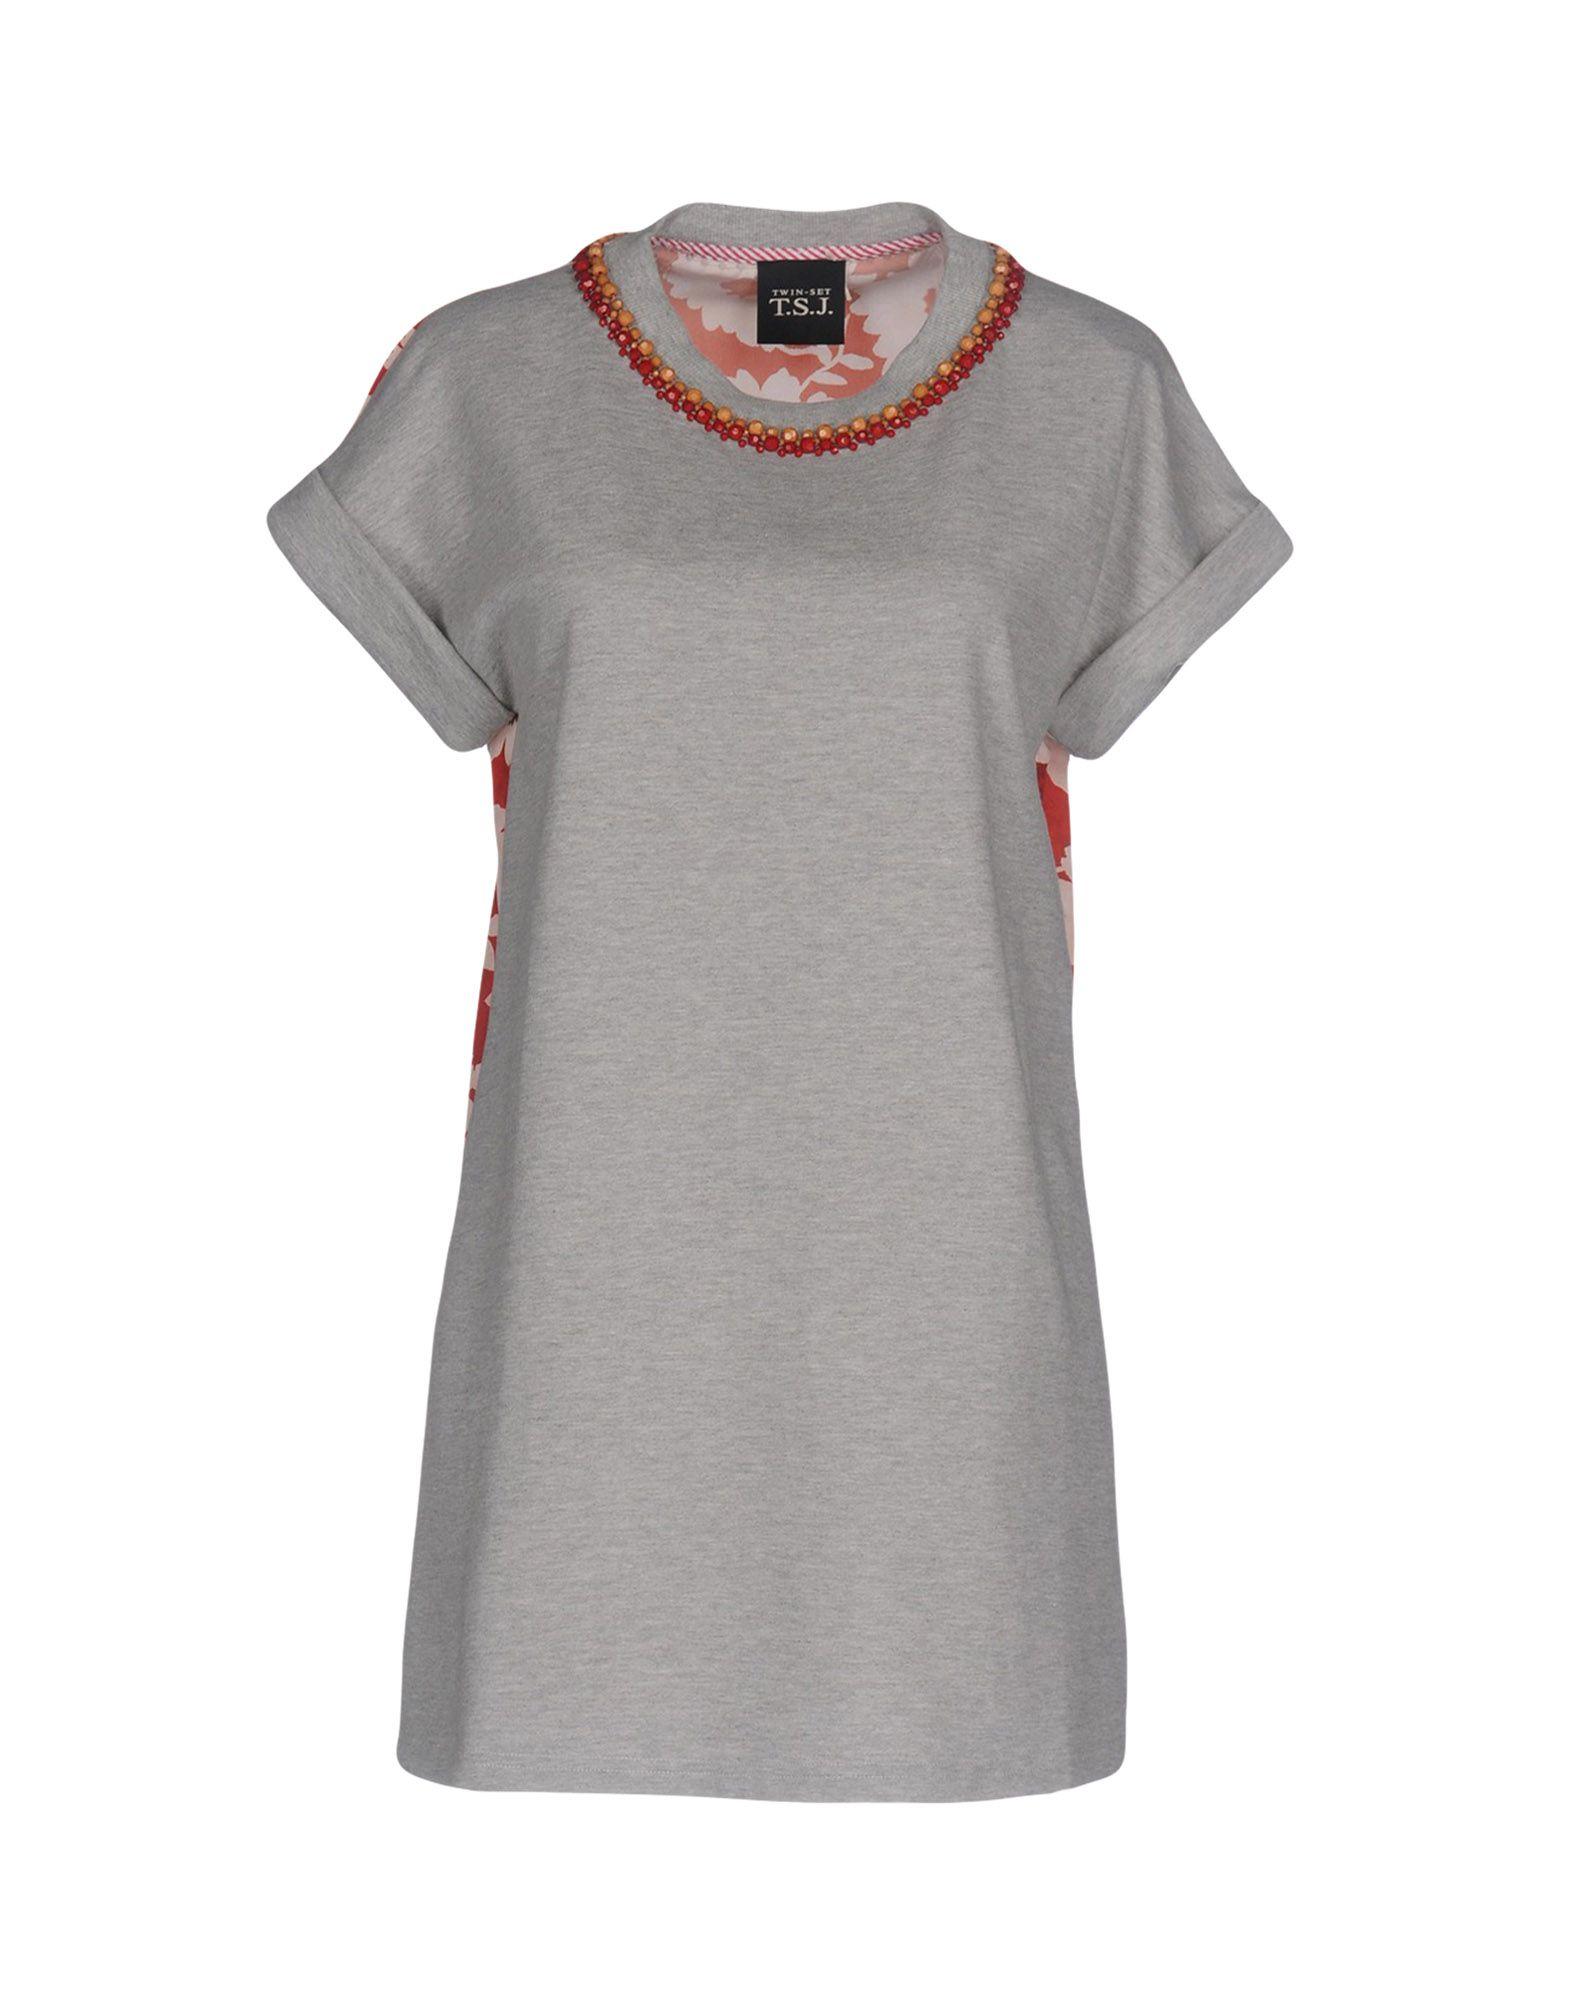 TWIN-SET JEANS Sweatshirt in Grey